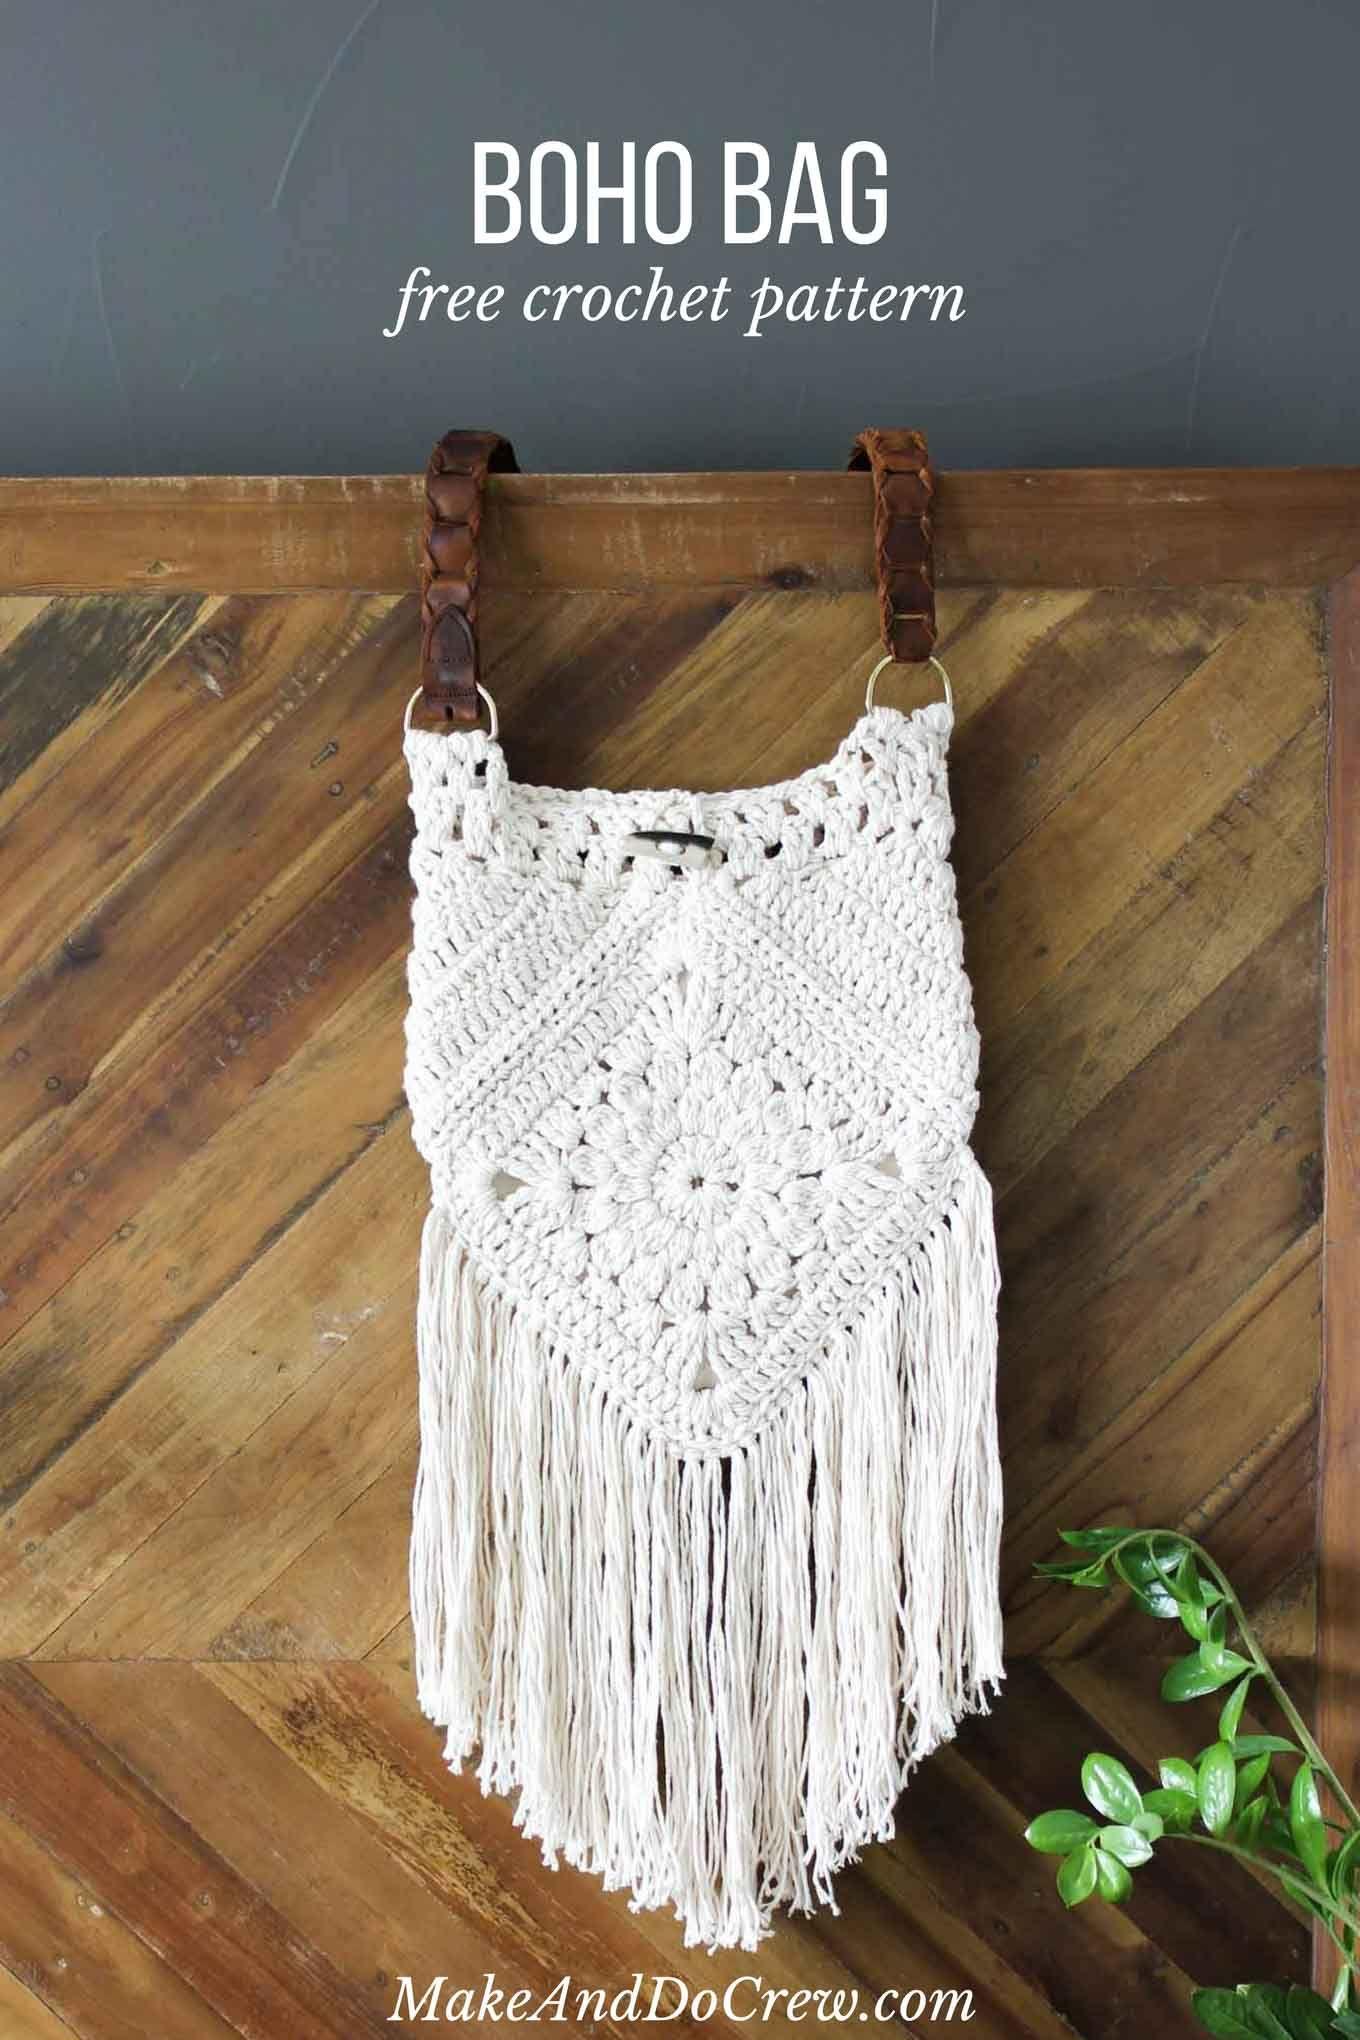 Urban Gypsy Boho Bag – Free Crochet Pattern | Bolsos, Tejido y ...